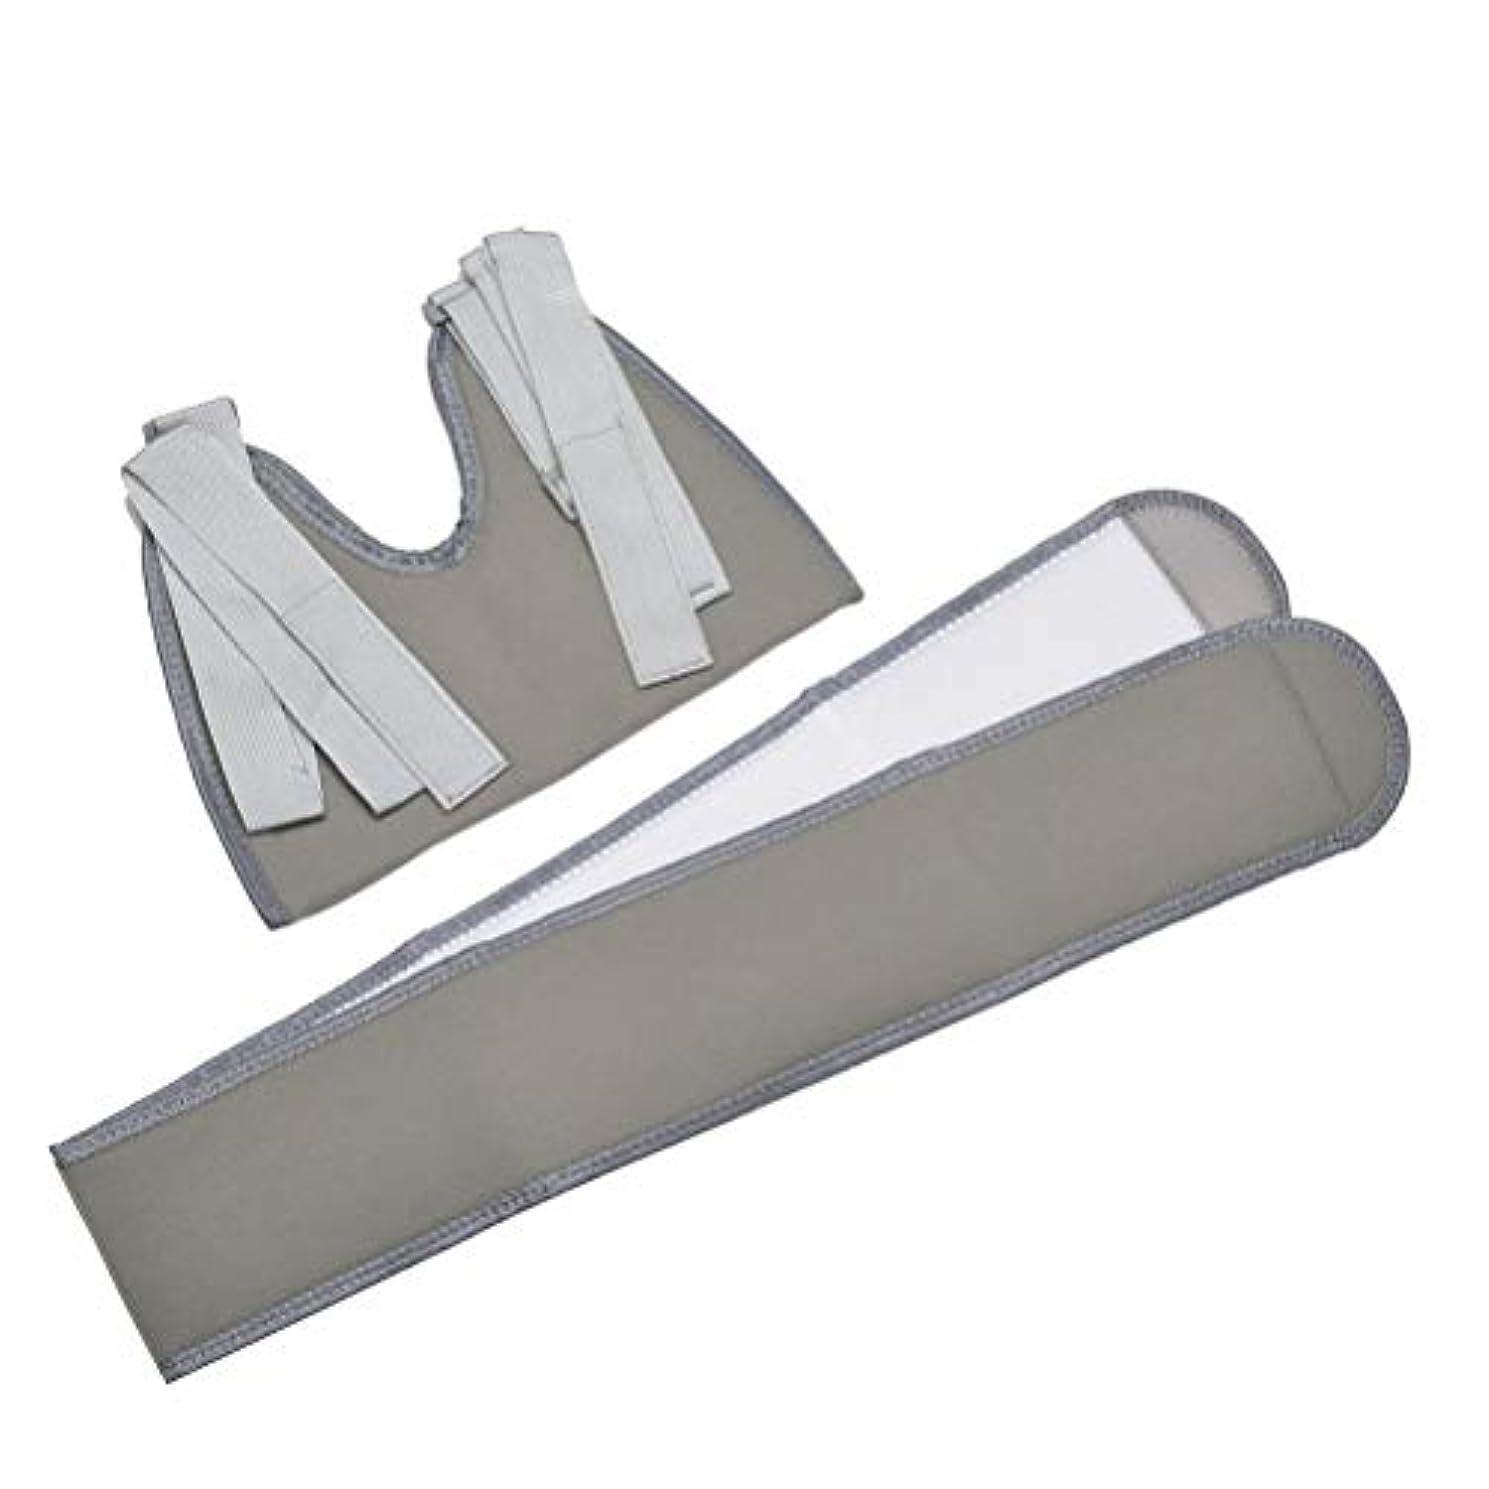 シロクマシールド刈るHealifty 折れや骨折した腕の肘の手首のための調節可能な腕のスリングの肩のスリング